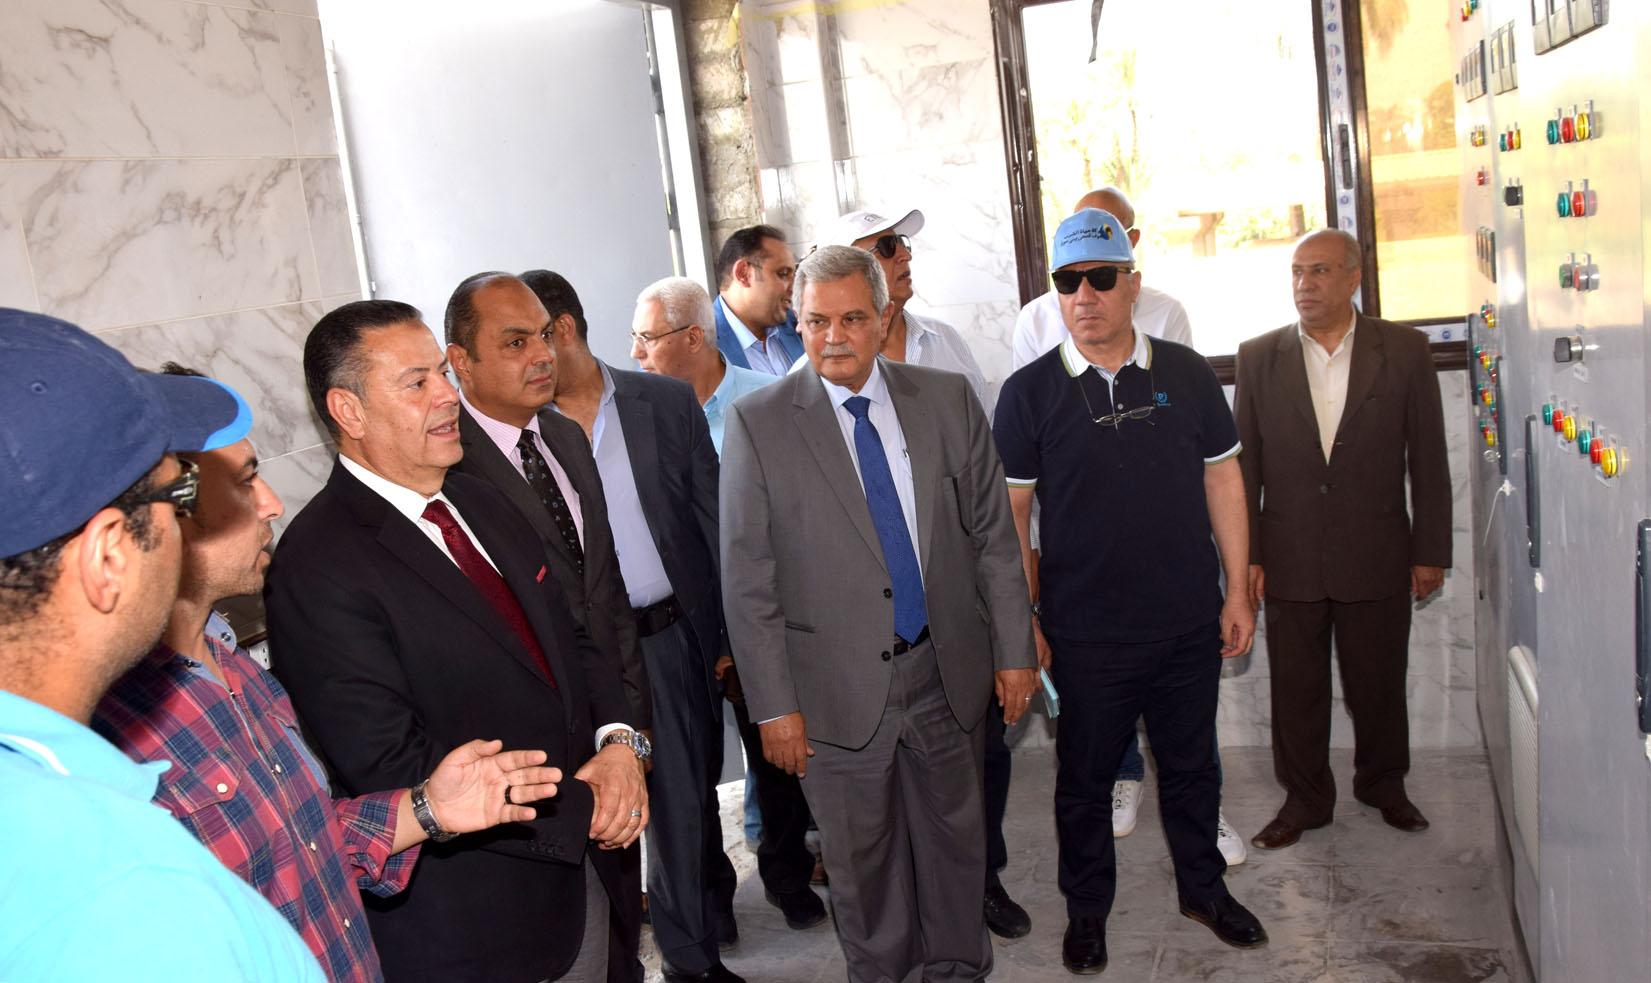 محافظ بني سويف ورئيس الشركة القابضة يتفقدان مشروع تطوير محطة صرف تزمنت الشرقية (8)